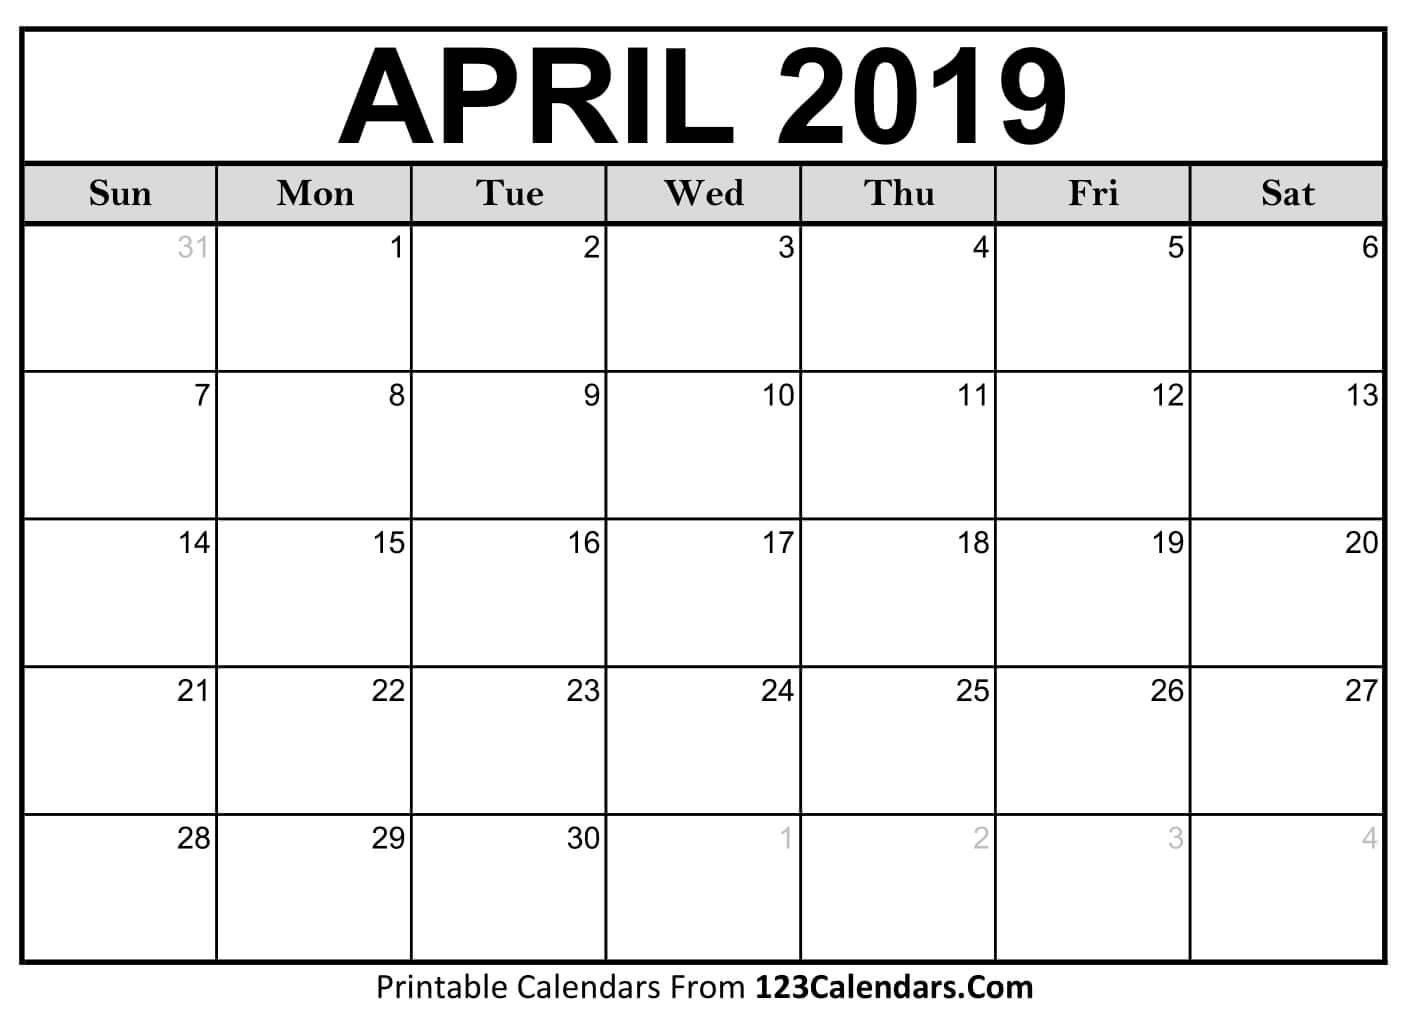 Printable April 2019 Calendar Templates - 123Calendars Calendar Of 2019 April